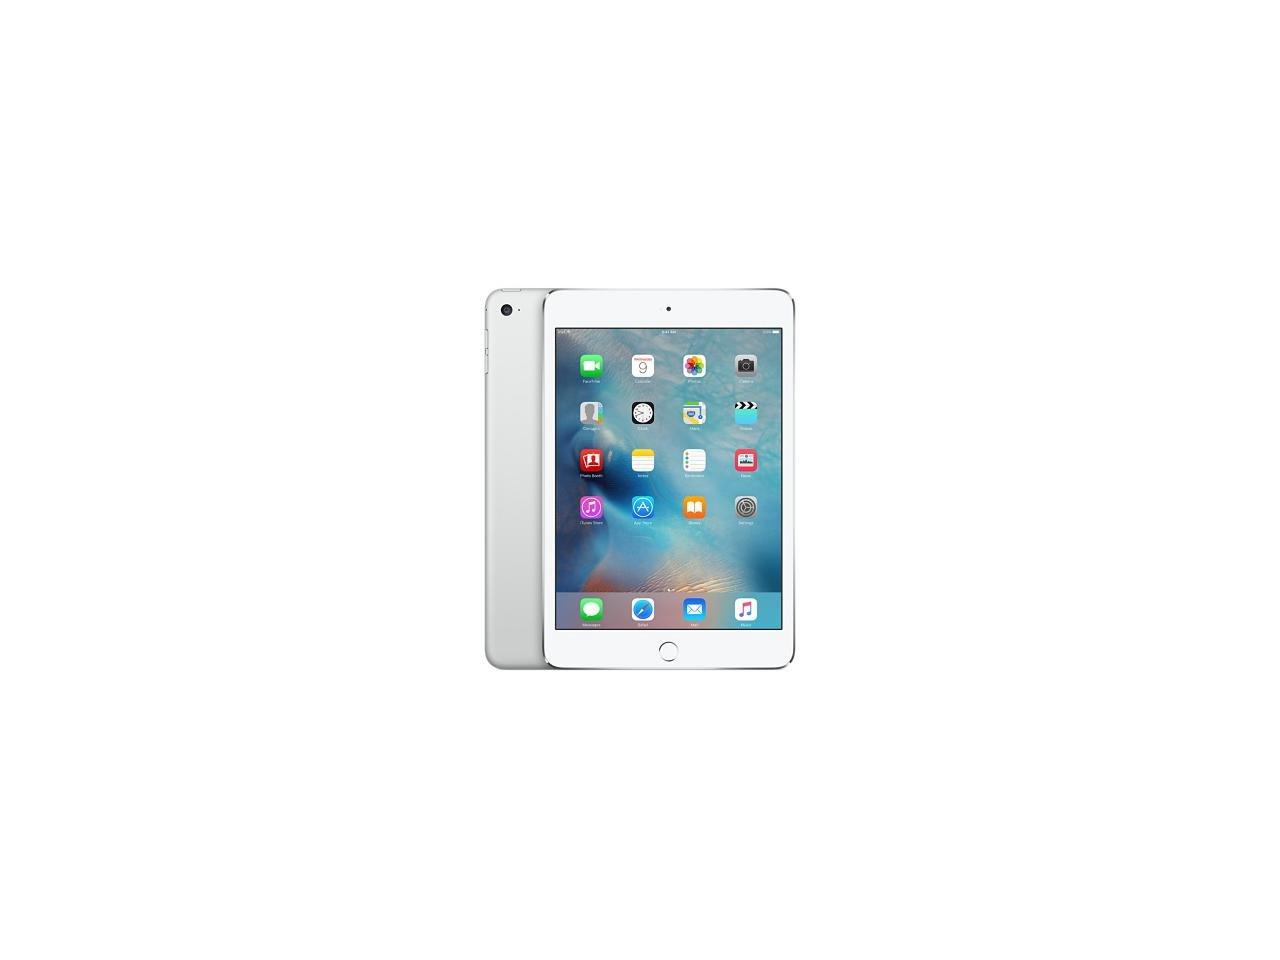 Apple iPad Mini 4 32GB Silver MNY22LL/A (Certified Refurbished)